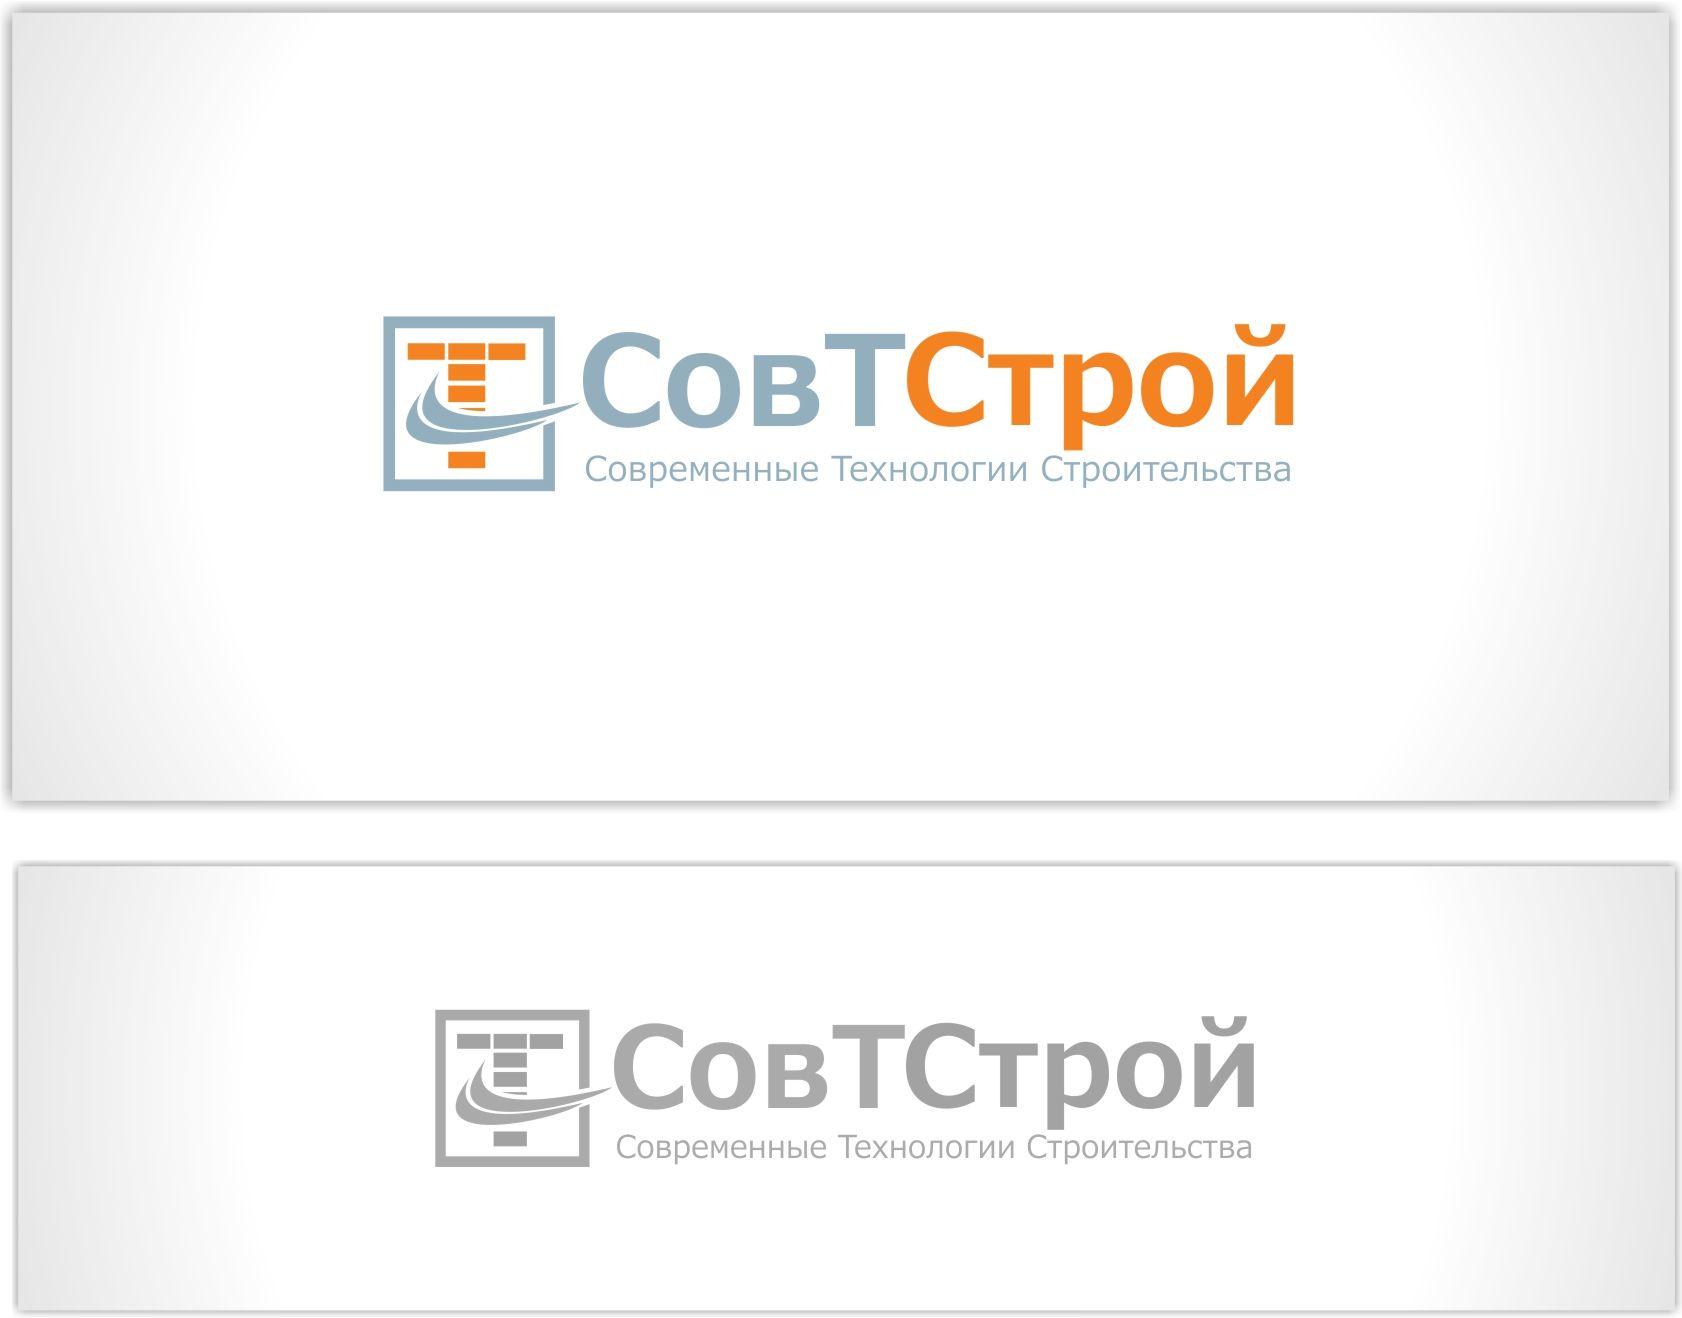 Логотип для поставщика строительных материалов - дизайнер malito